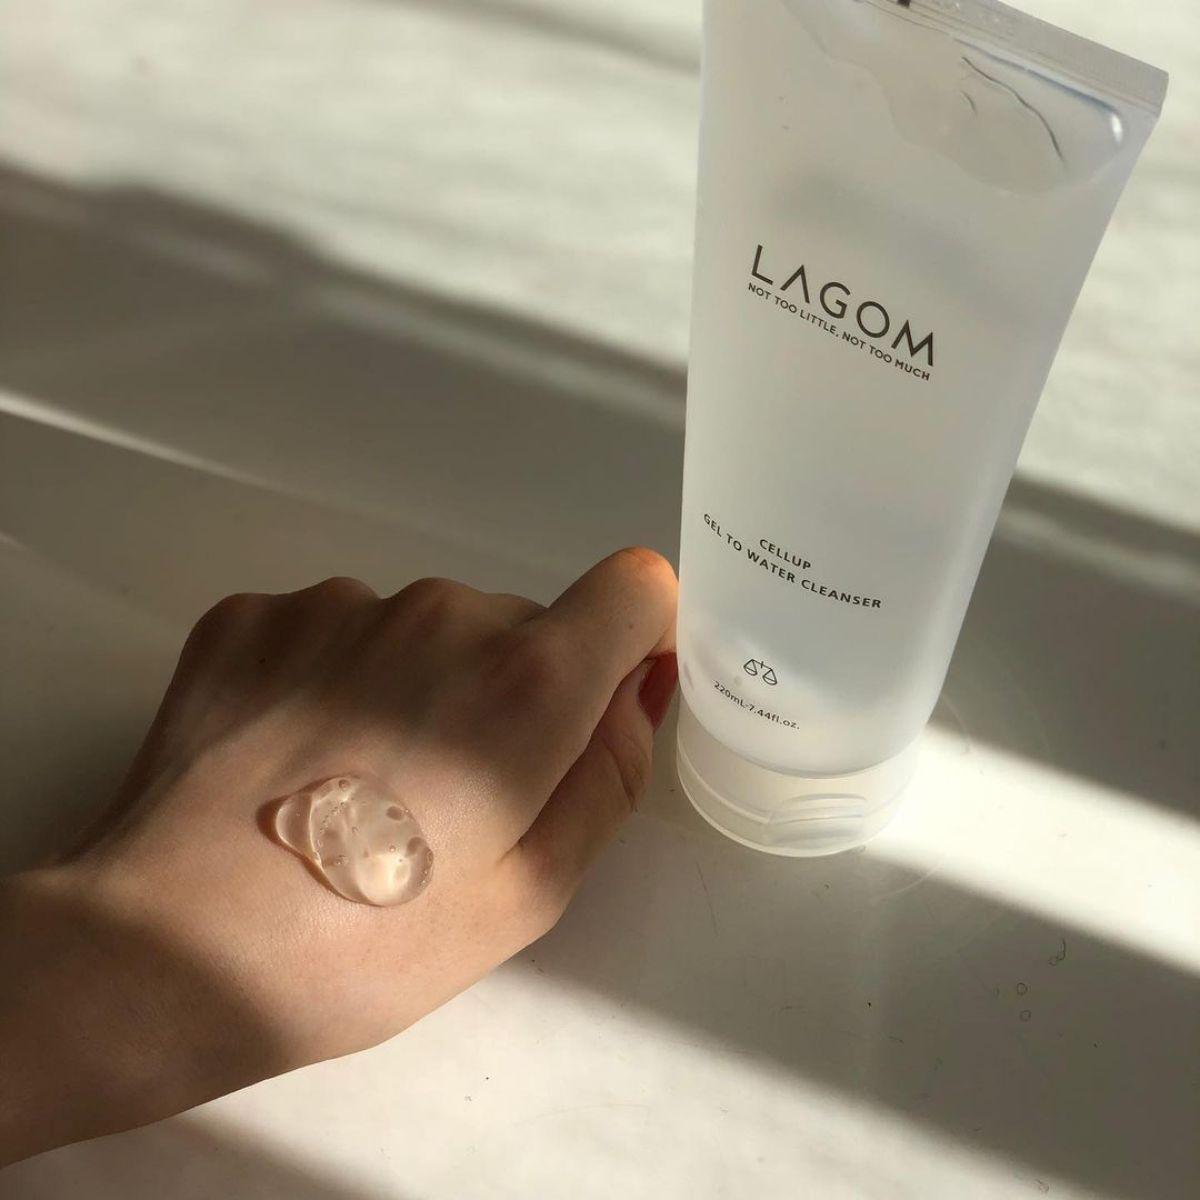 時間のない朝でもパックをしたように潤うってホント?韓国スキンケア「LAGOM」の洗顔がSNSで話題です